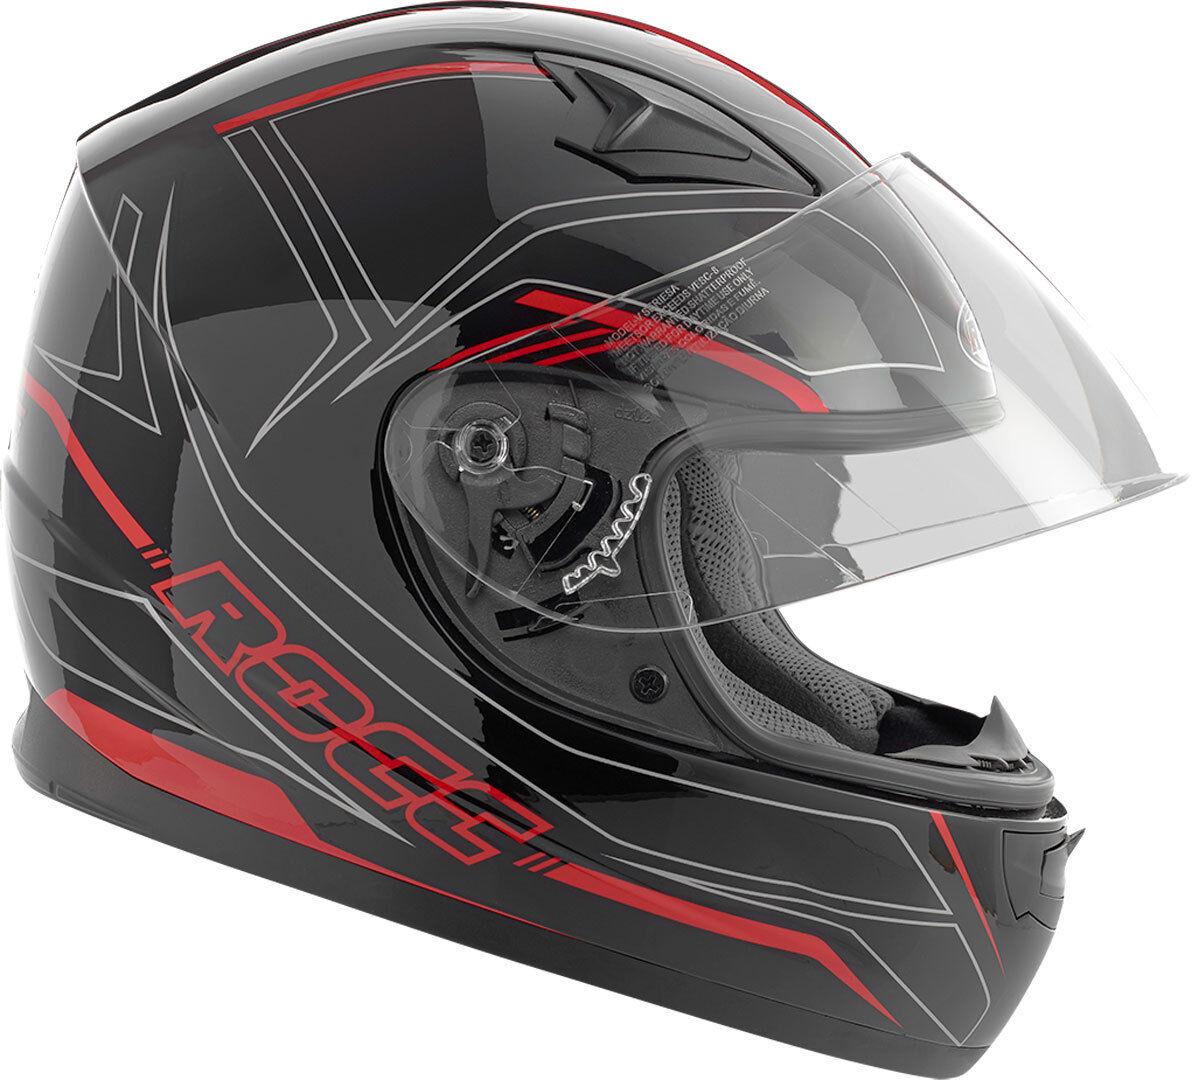 Rocc 382 Bambini casco Nero Rosso 2XS